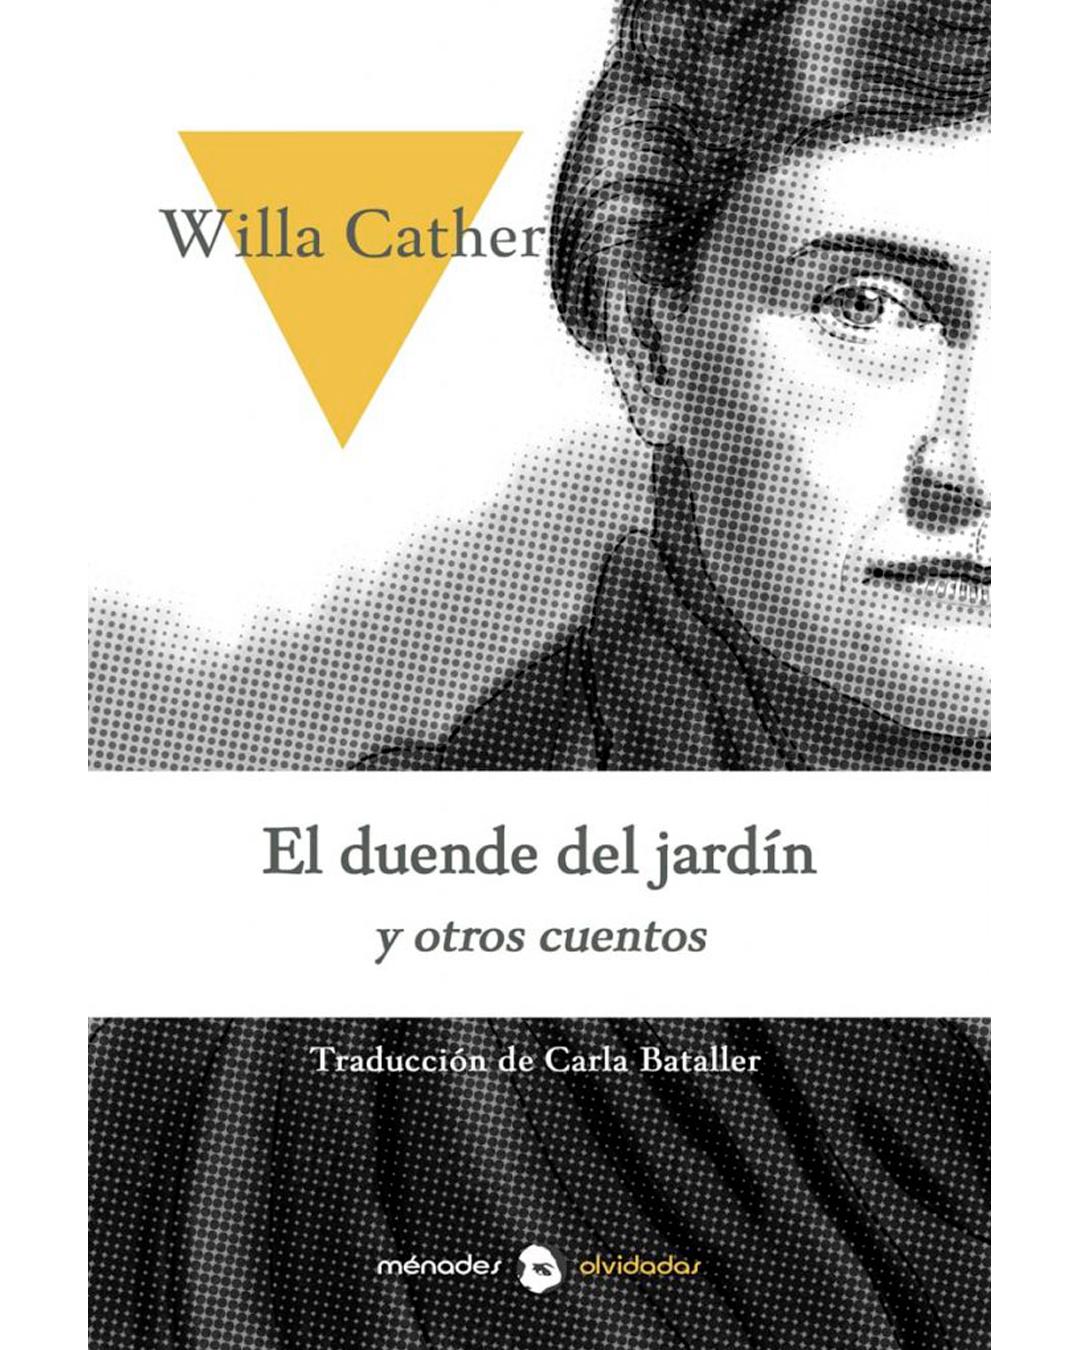 Portada El duende y el jardín de Willa Cather